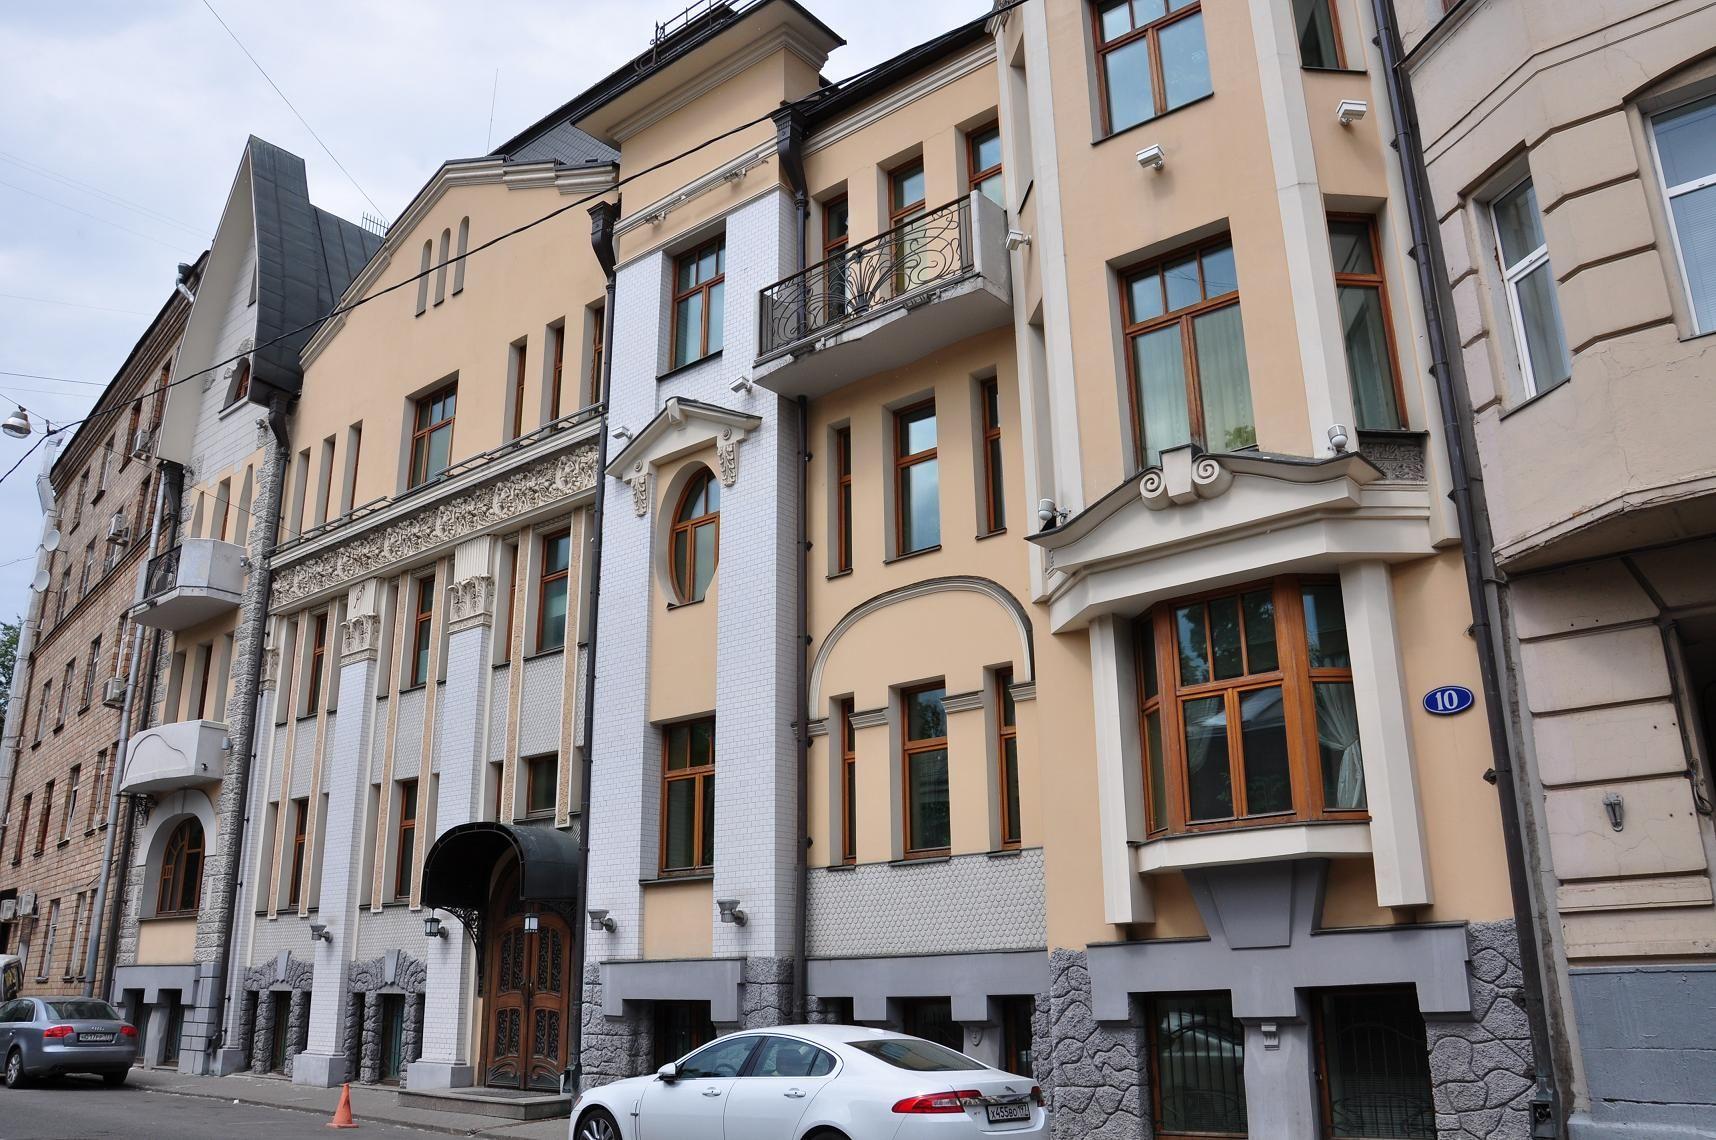 Доходный дом наследников Н.П.Циркунова (Чистый переулок, 10, 1910, арх. В.С.Масленников)